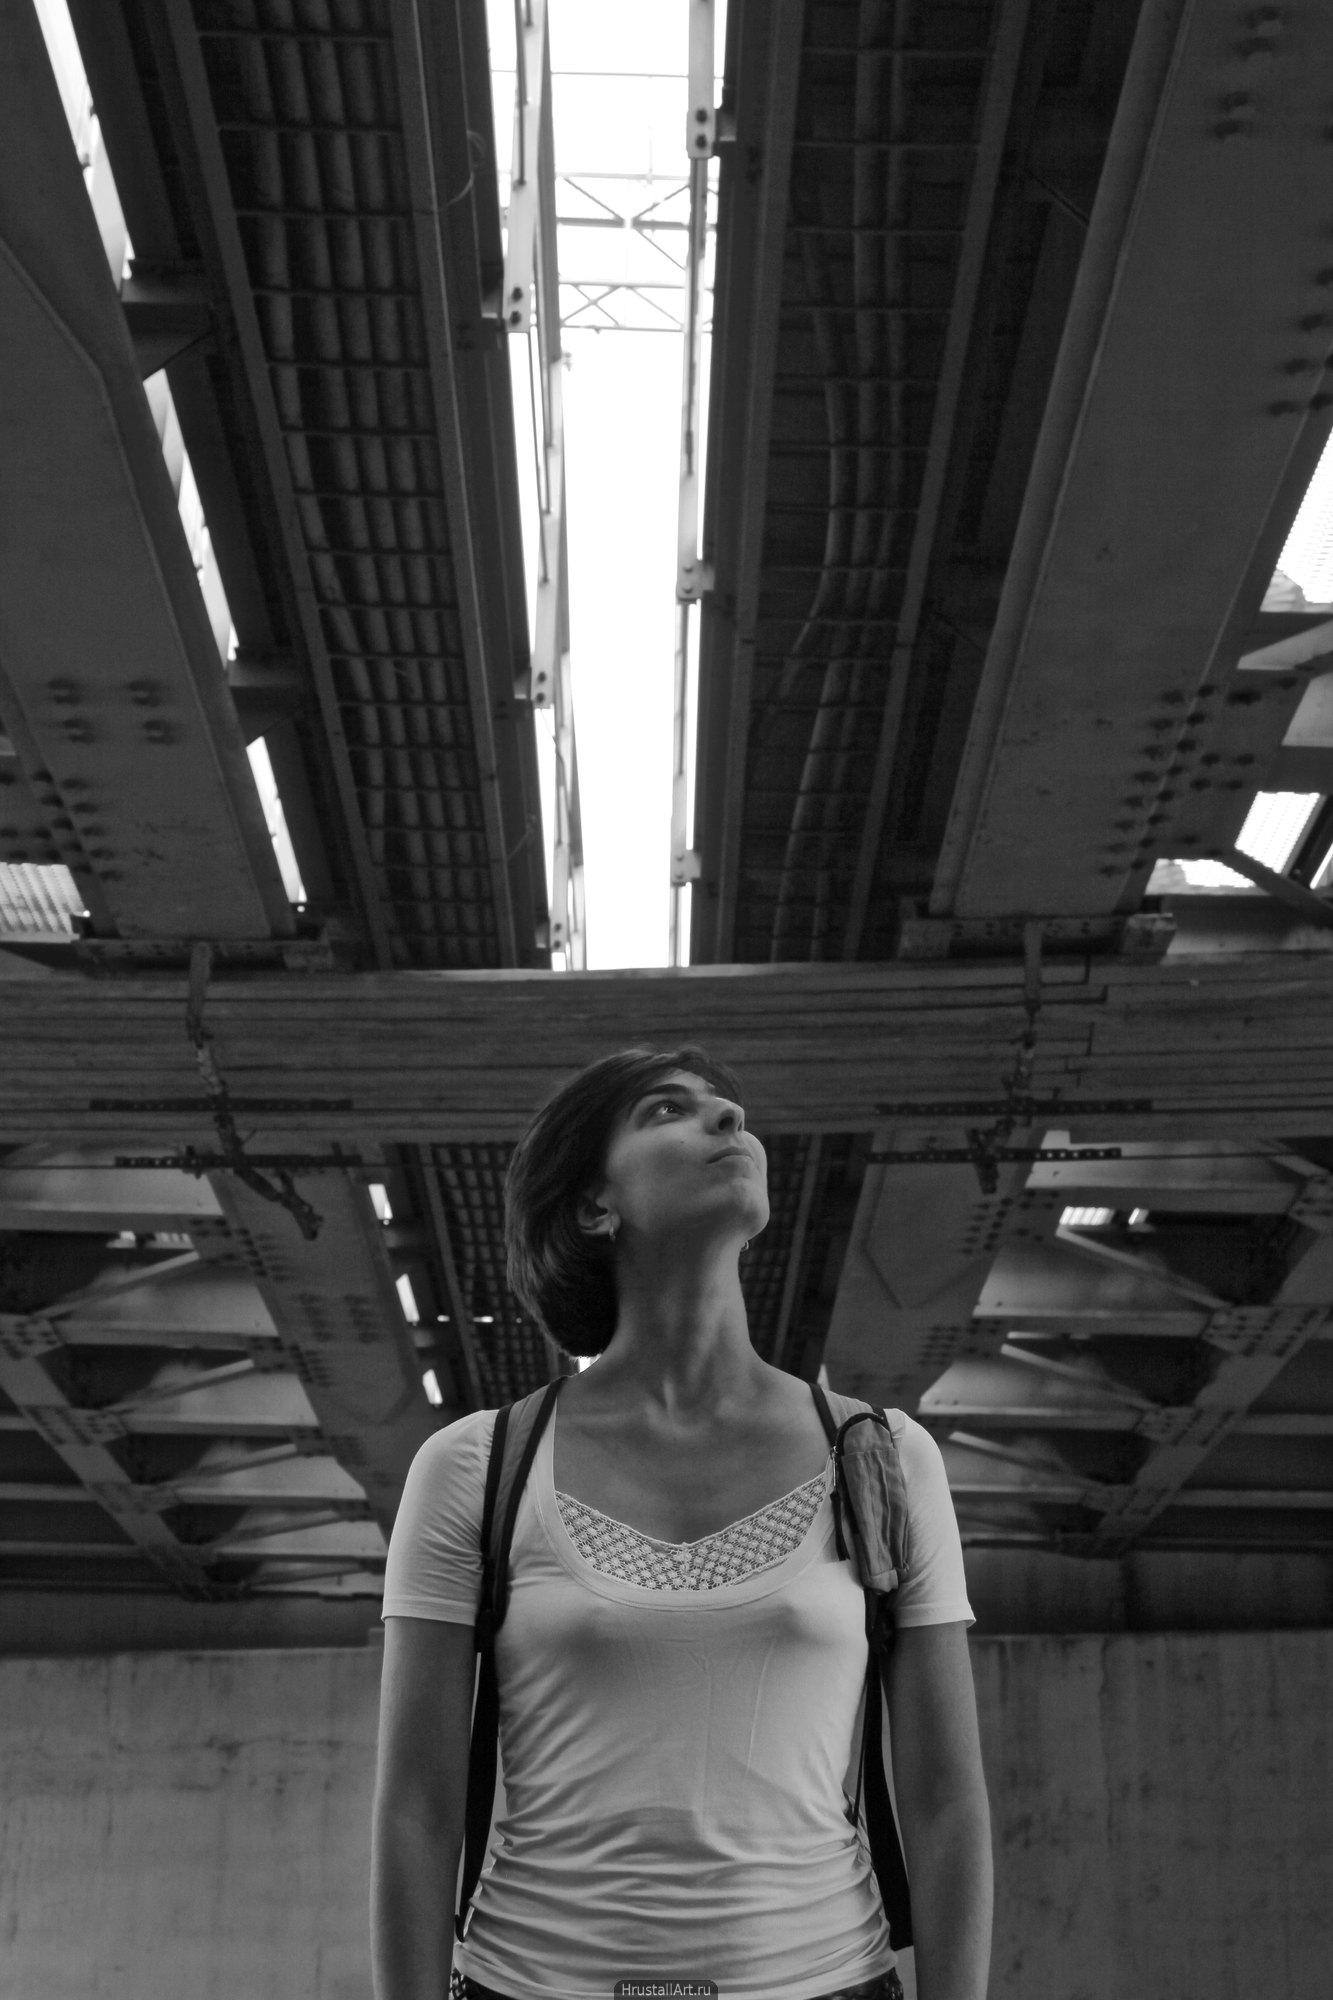 Девушка стоит под полотном железнодорожного моста.